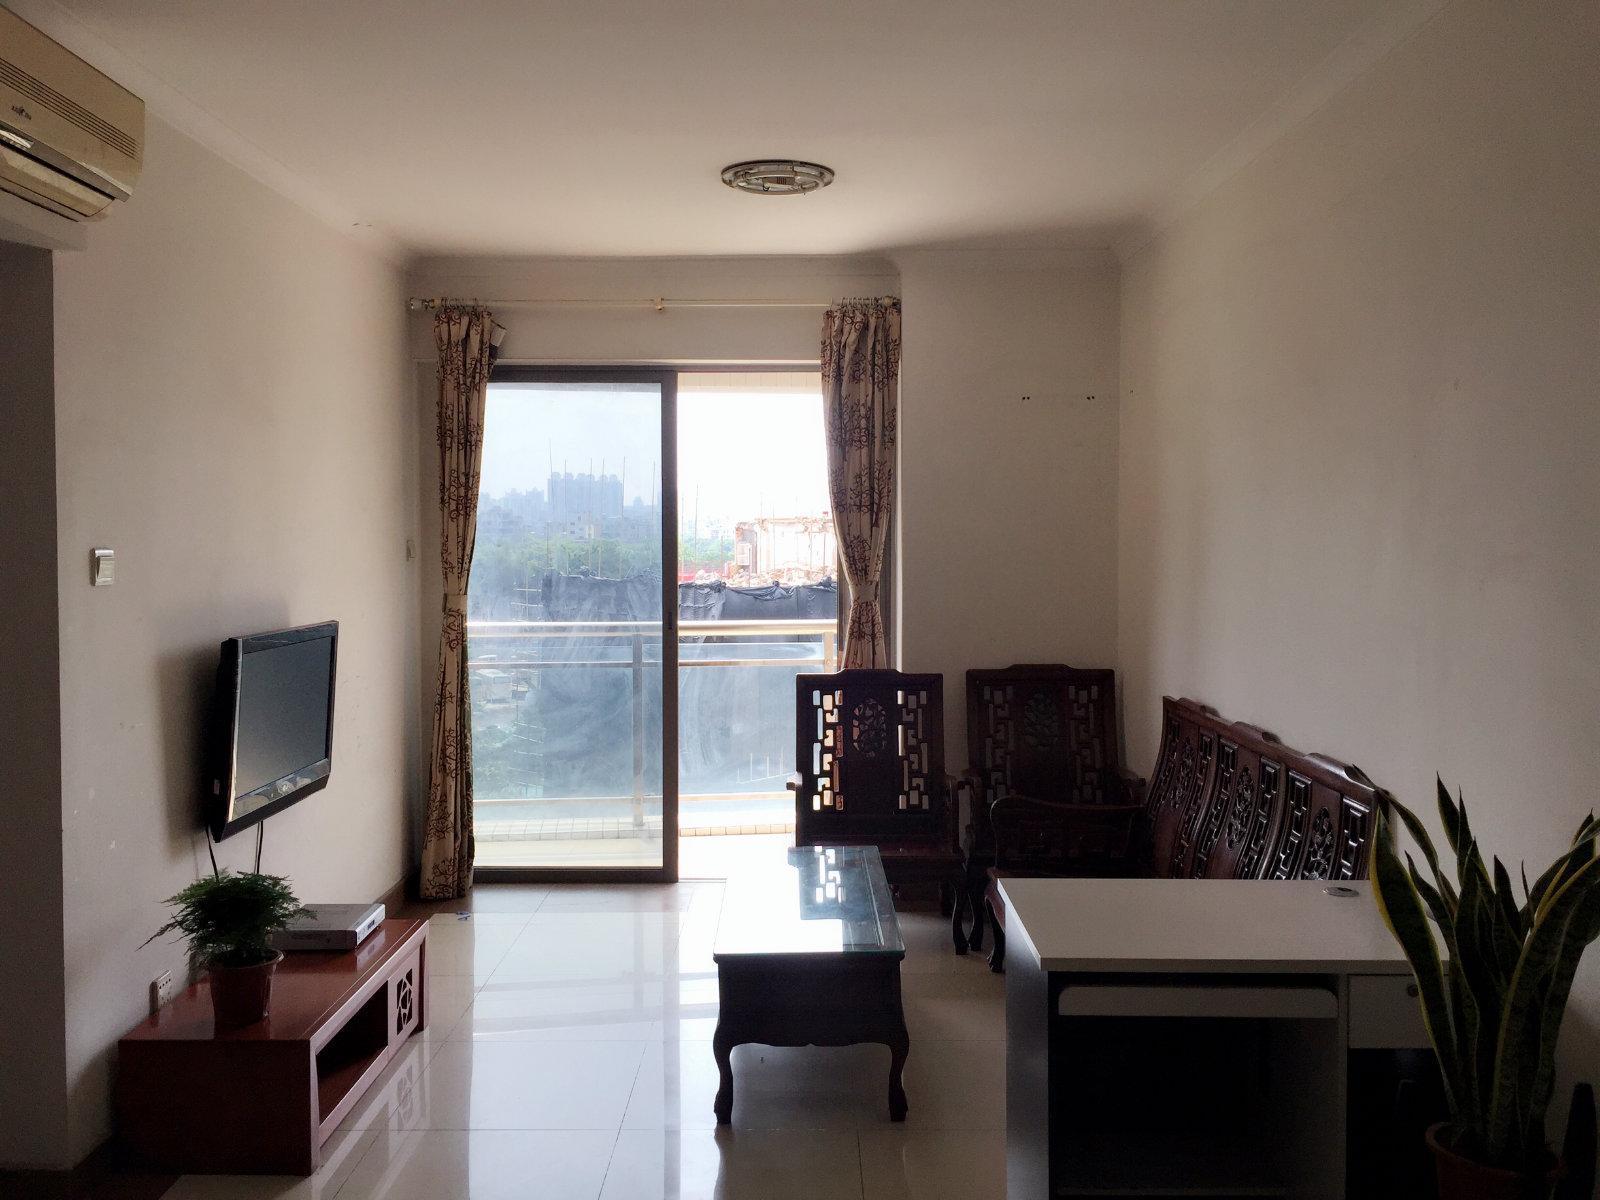 恒荔湾畔东南向两房早上阳光可以晒进客厅冬天不冷的